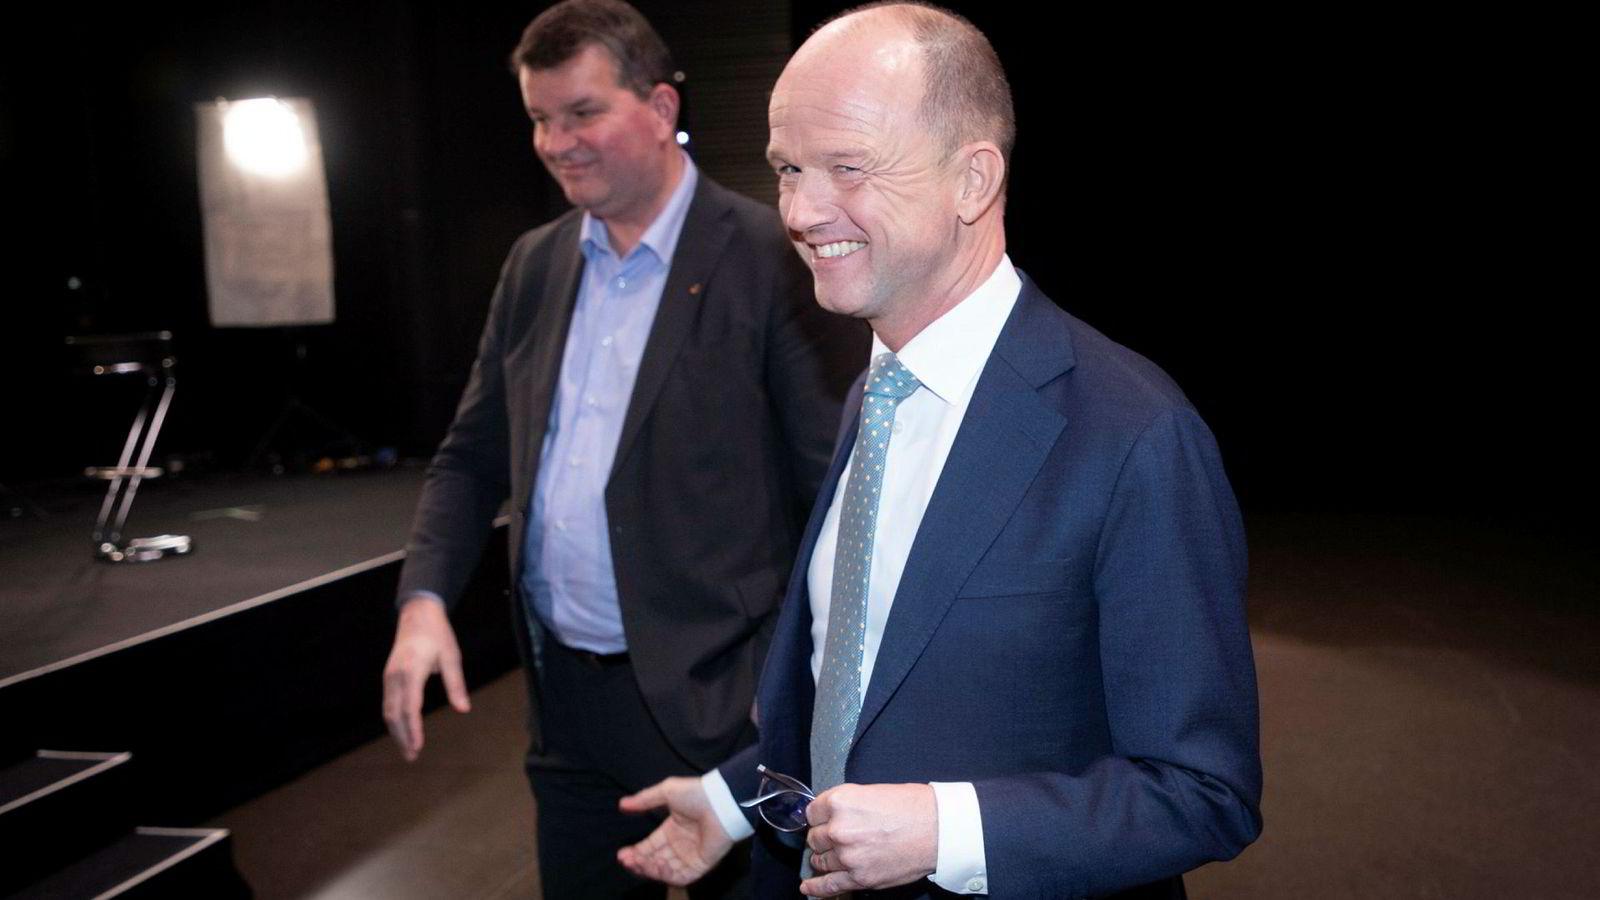 LO-leder Hans-Christian Gabrielsen (til venstre) og NHO-leder Ole Erik Almlid skal inn i sitt første lønnsoppgjør fra mandag 11. mars. Fortsatt er smilene på plass.